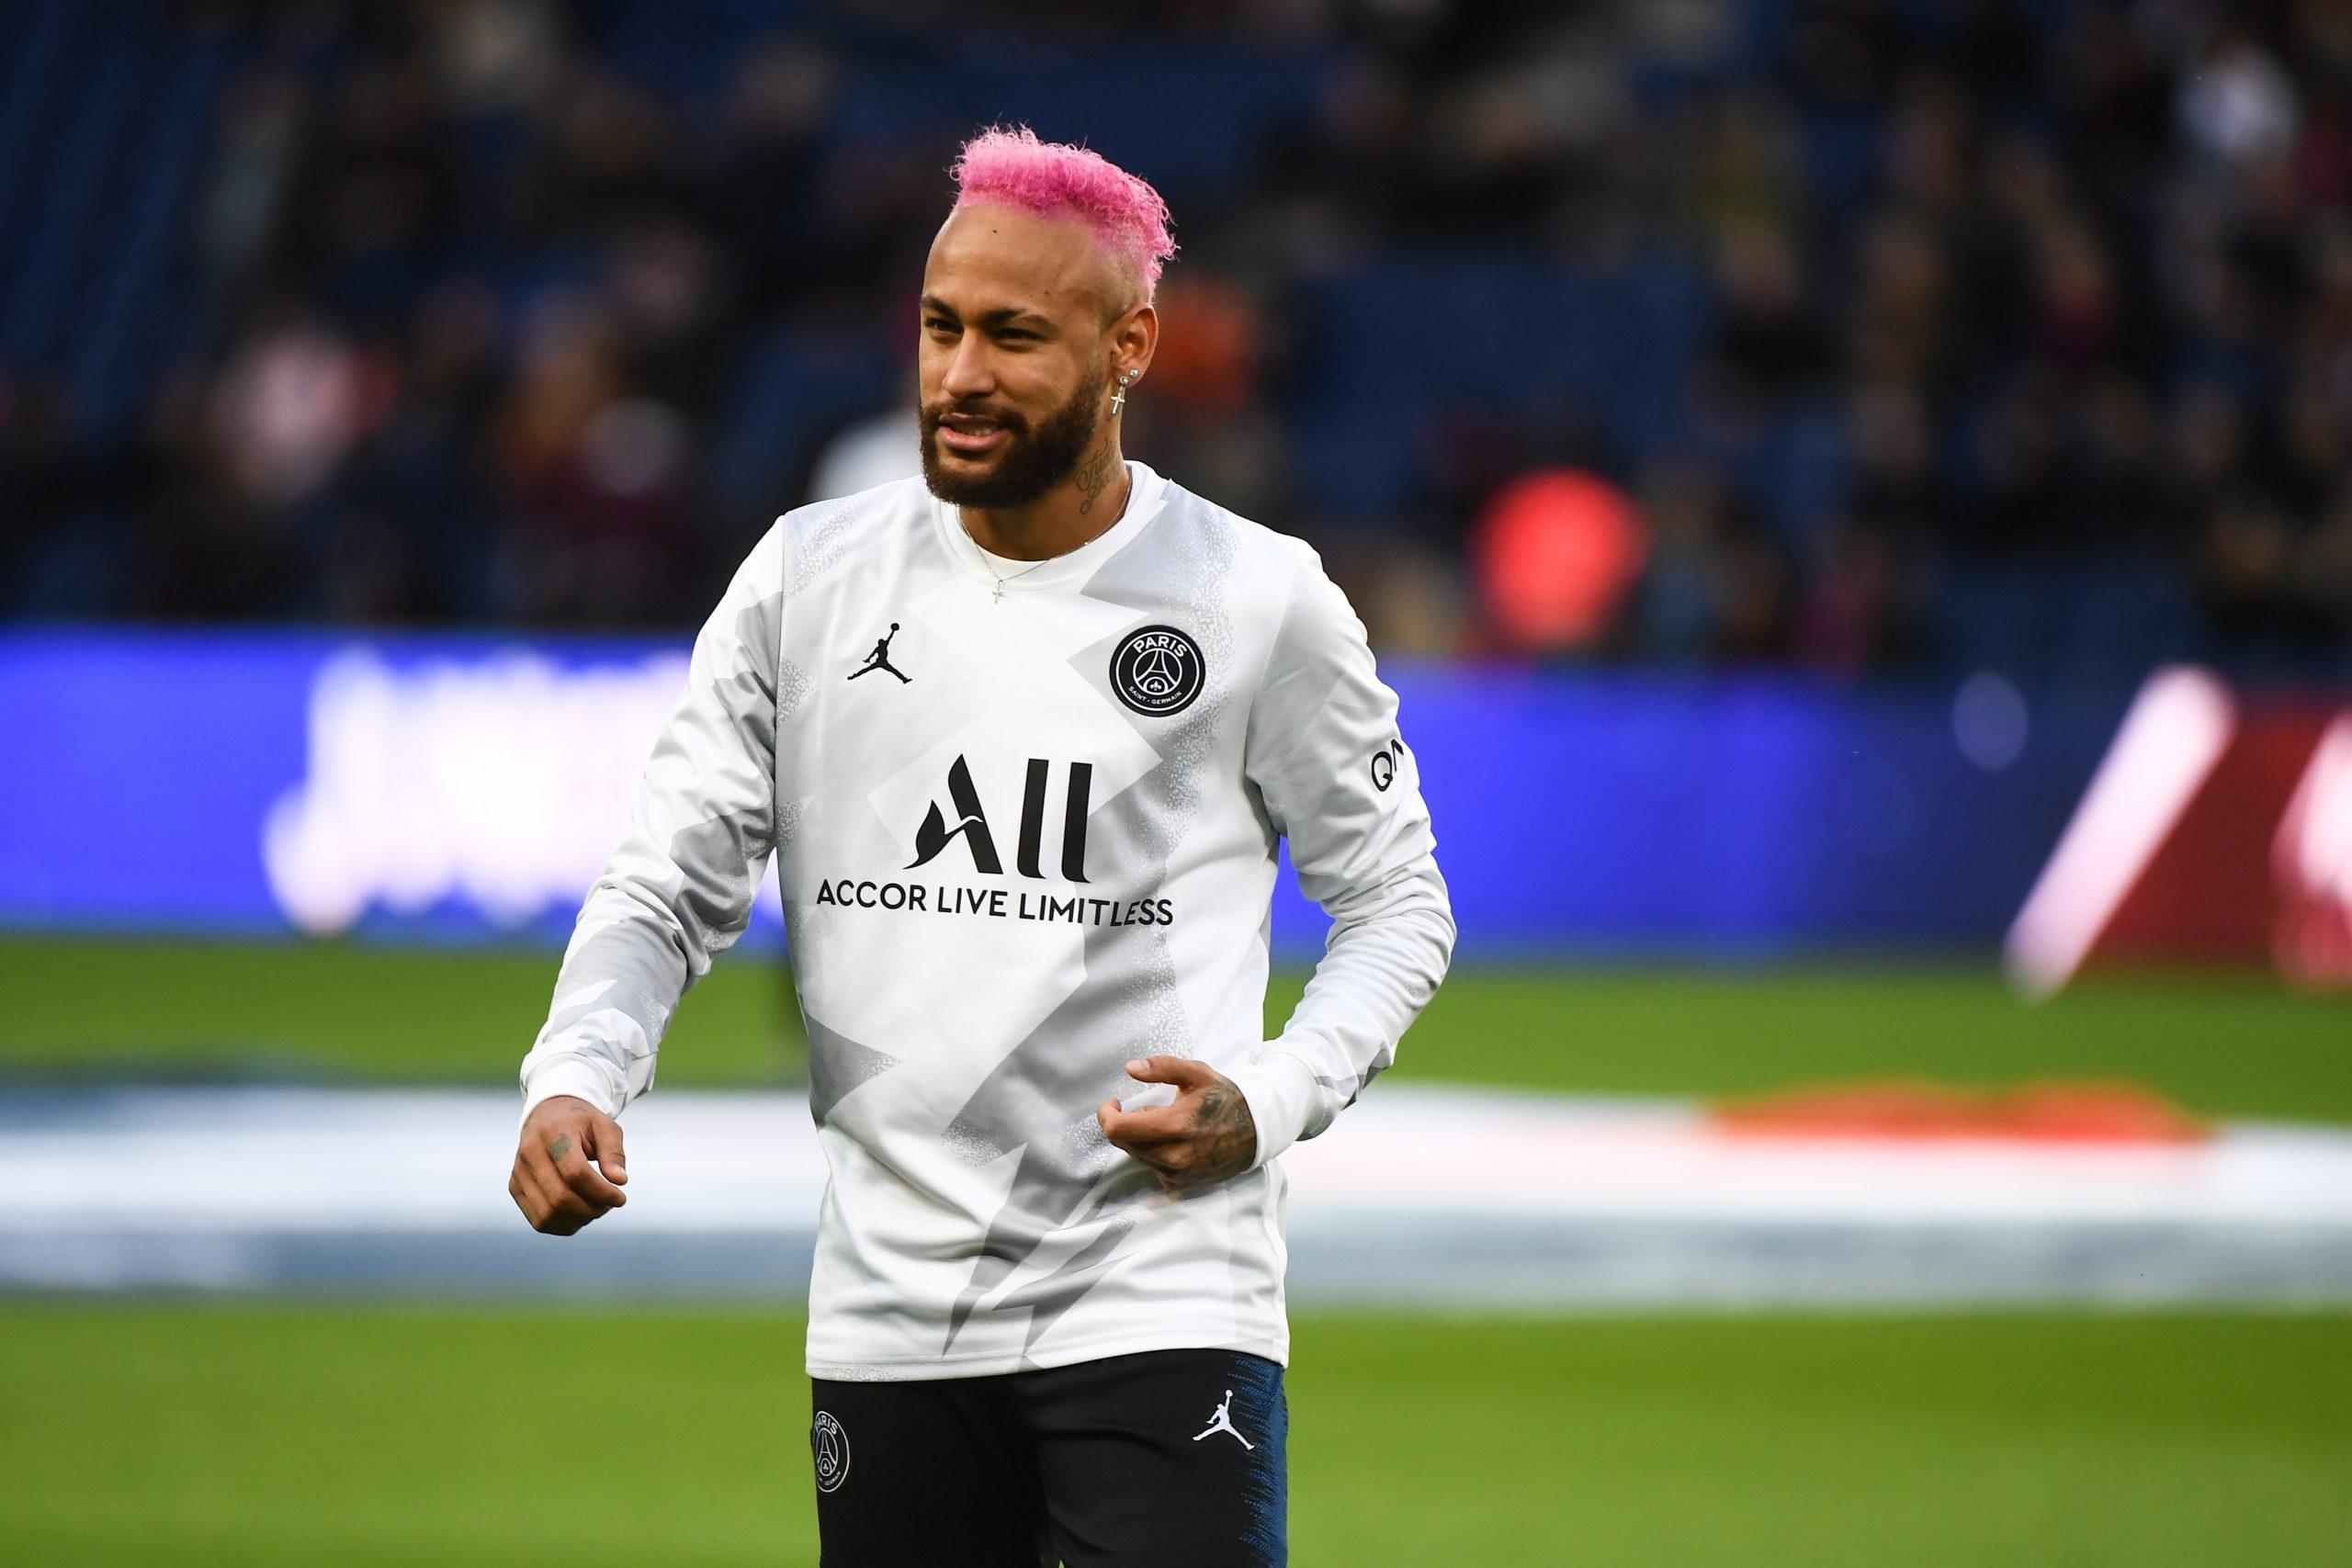 RMC Sport fait un point sur le possible retour de Neymar avant Dortmund